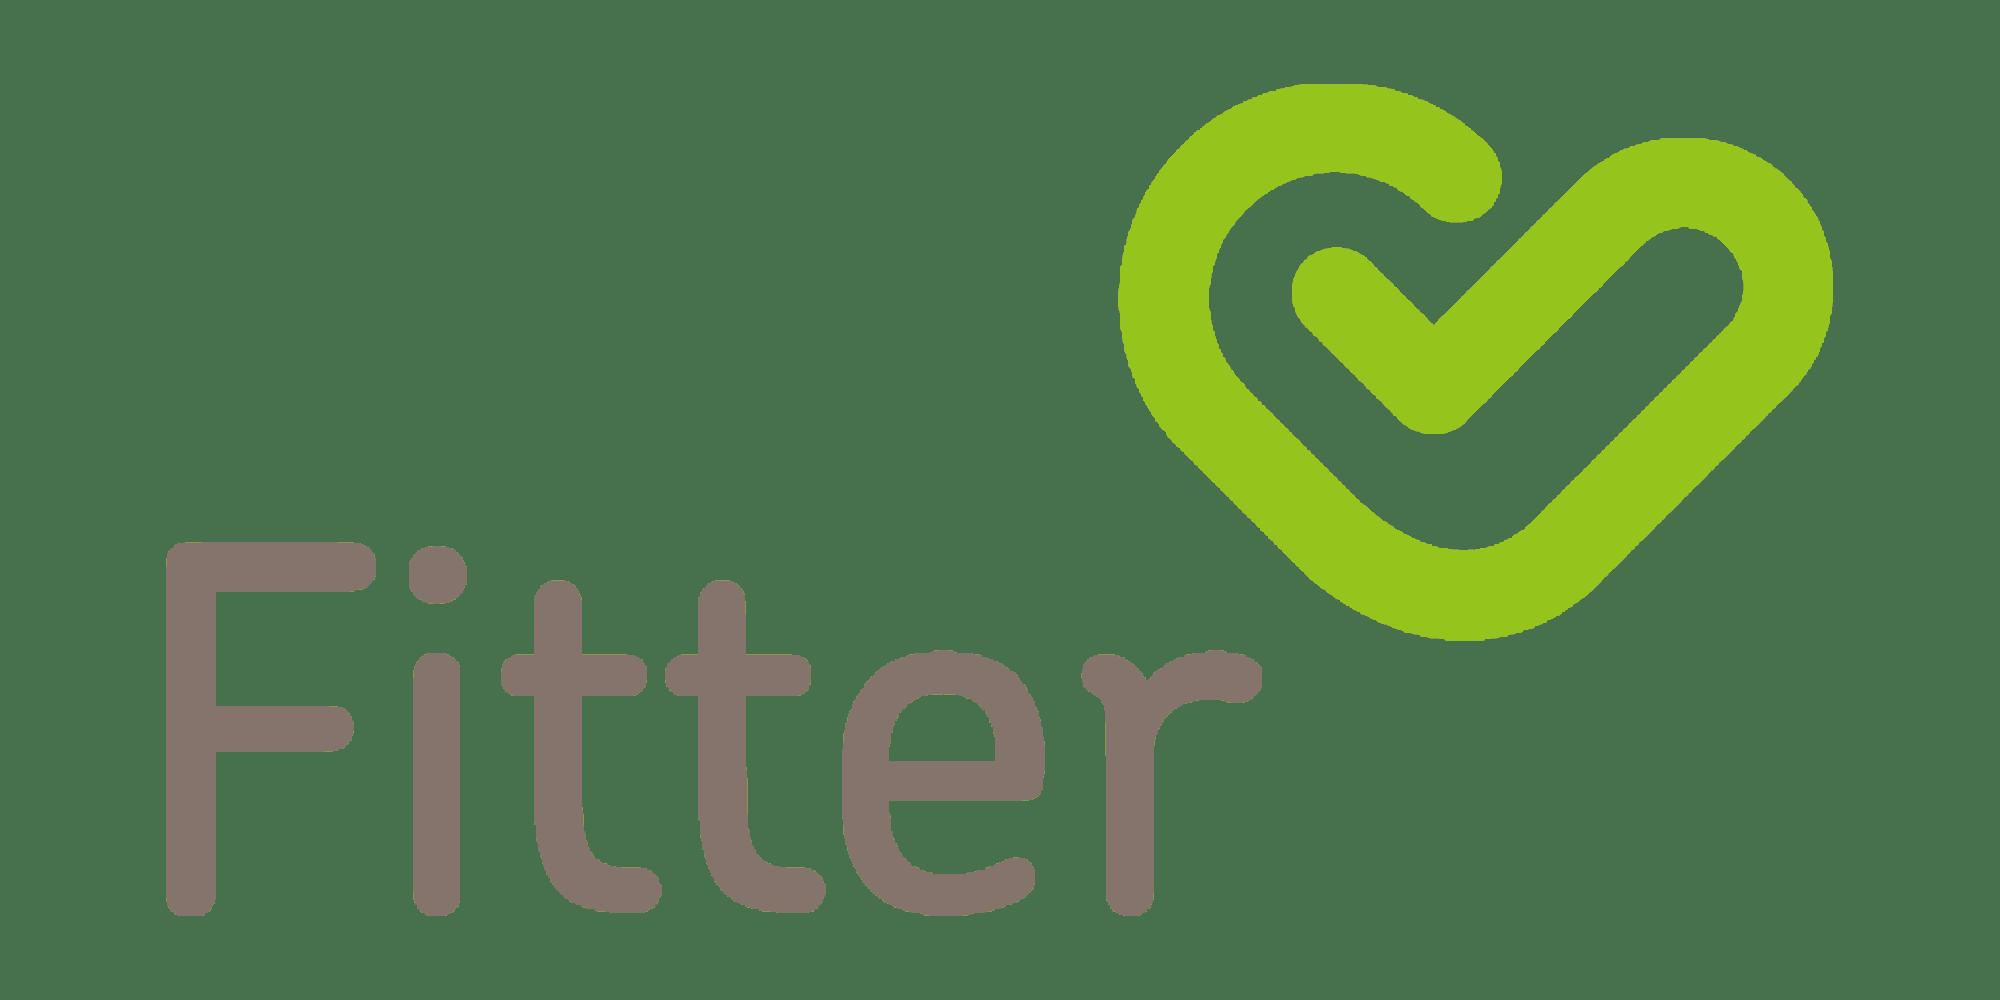 fitter-logo